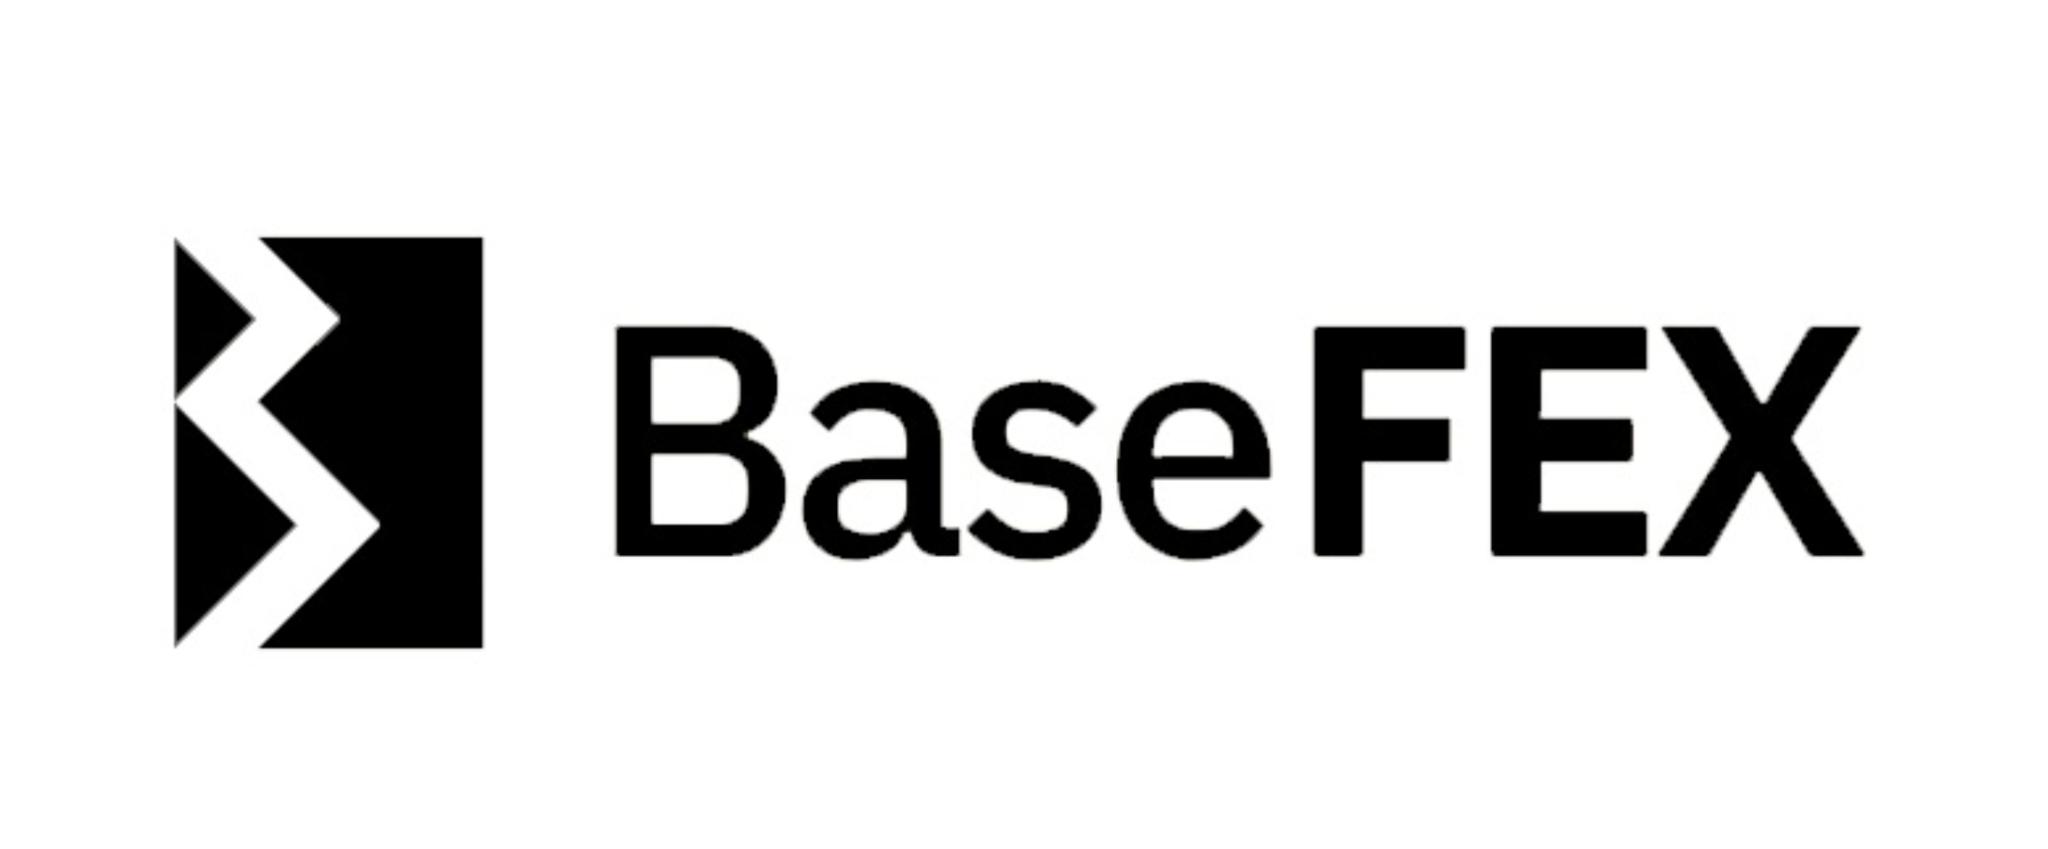 【BNB OKB HT】BaseFEXで取引所トークンのショート(空売り)が可能